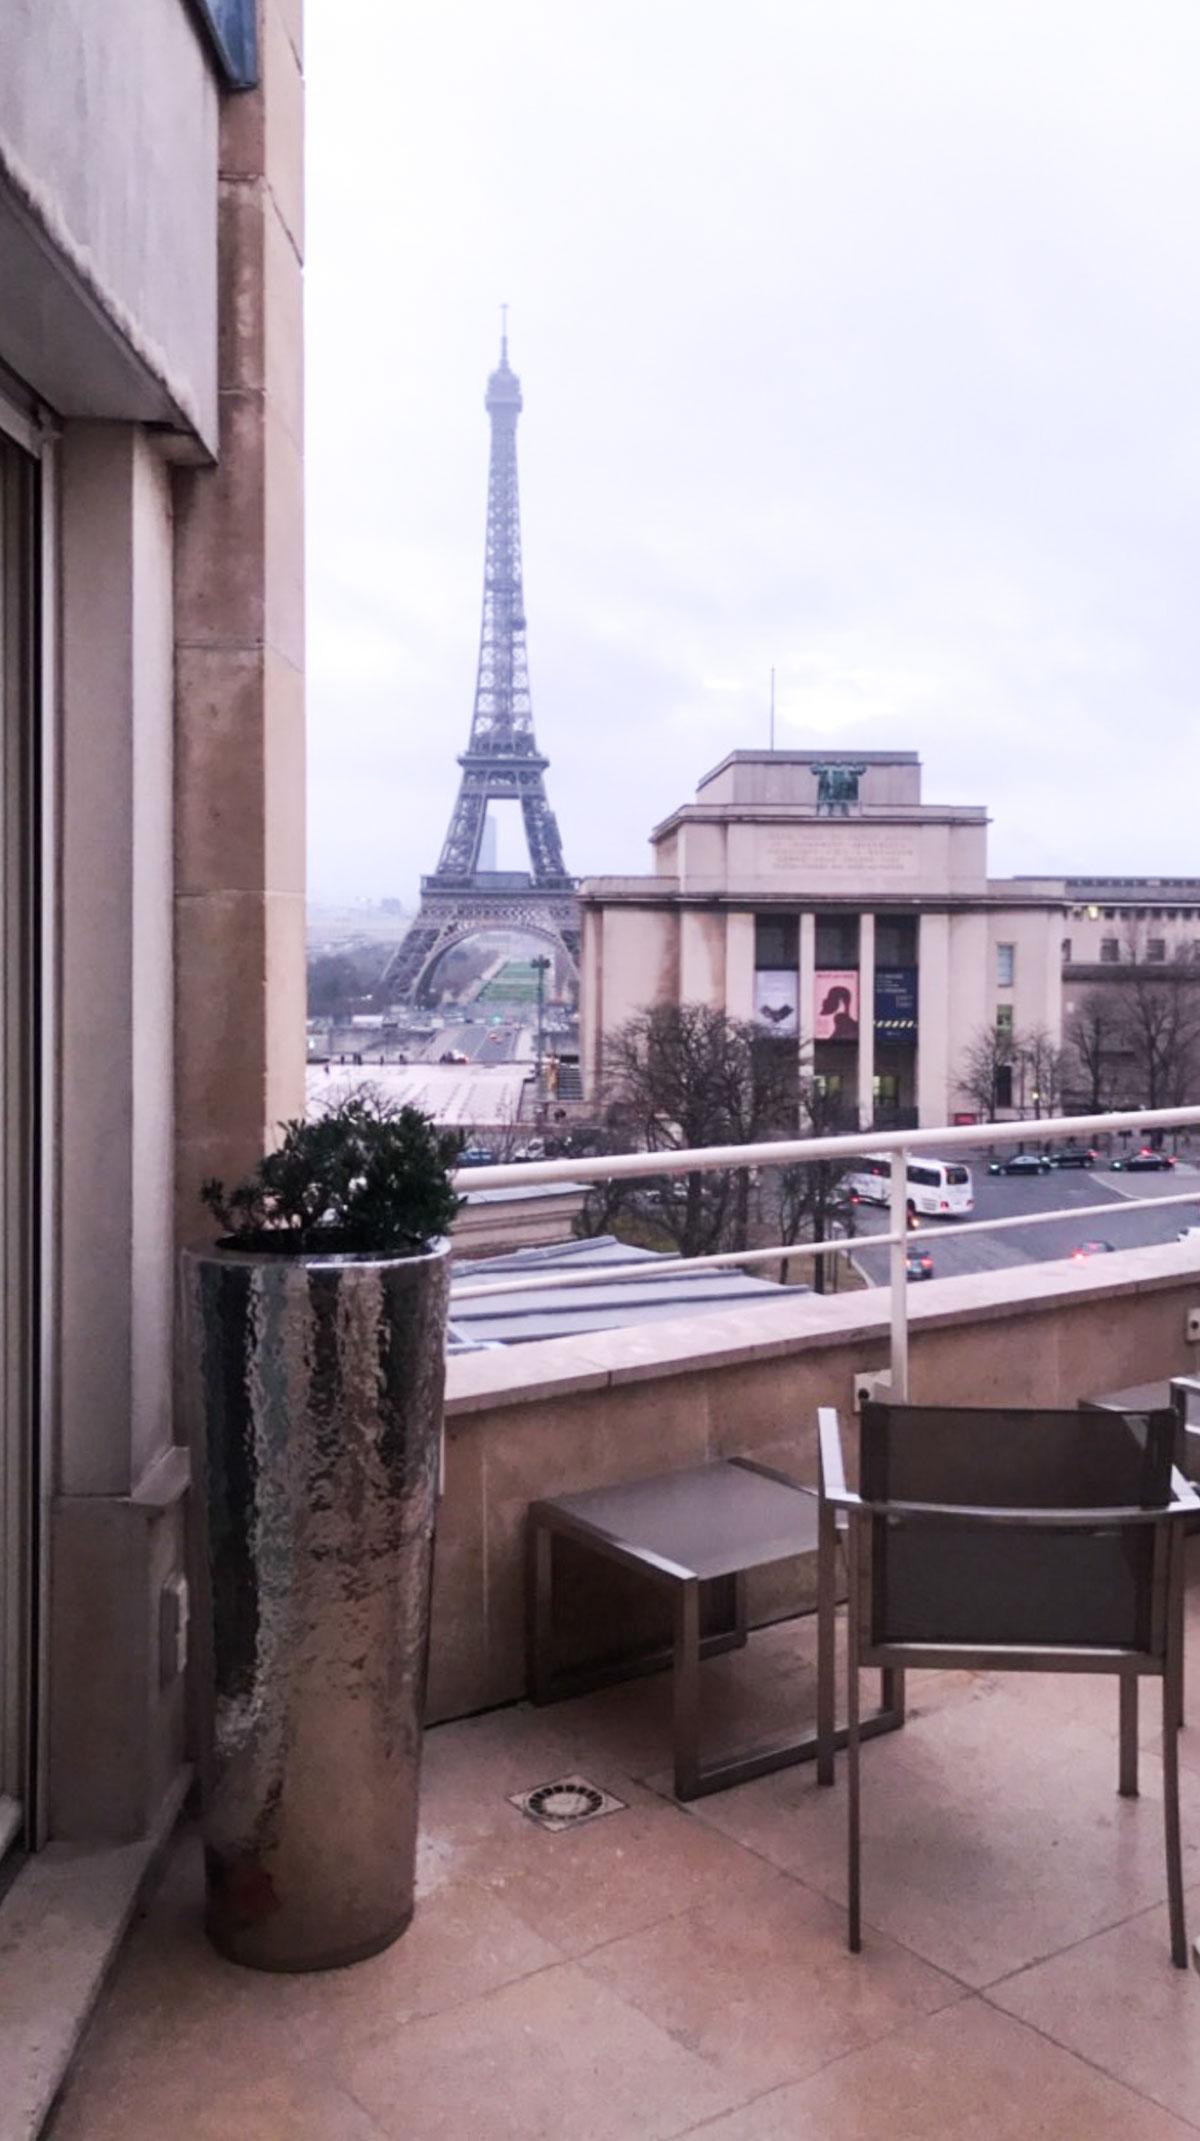 Le_Reserve_Apartments_Trip_to_Paris-3507.jpg